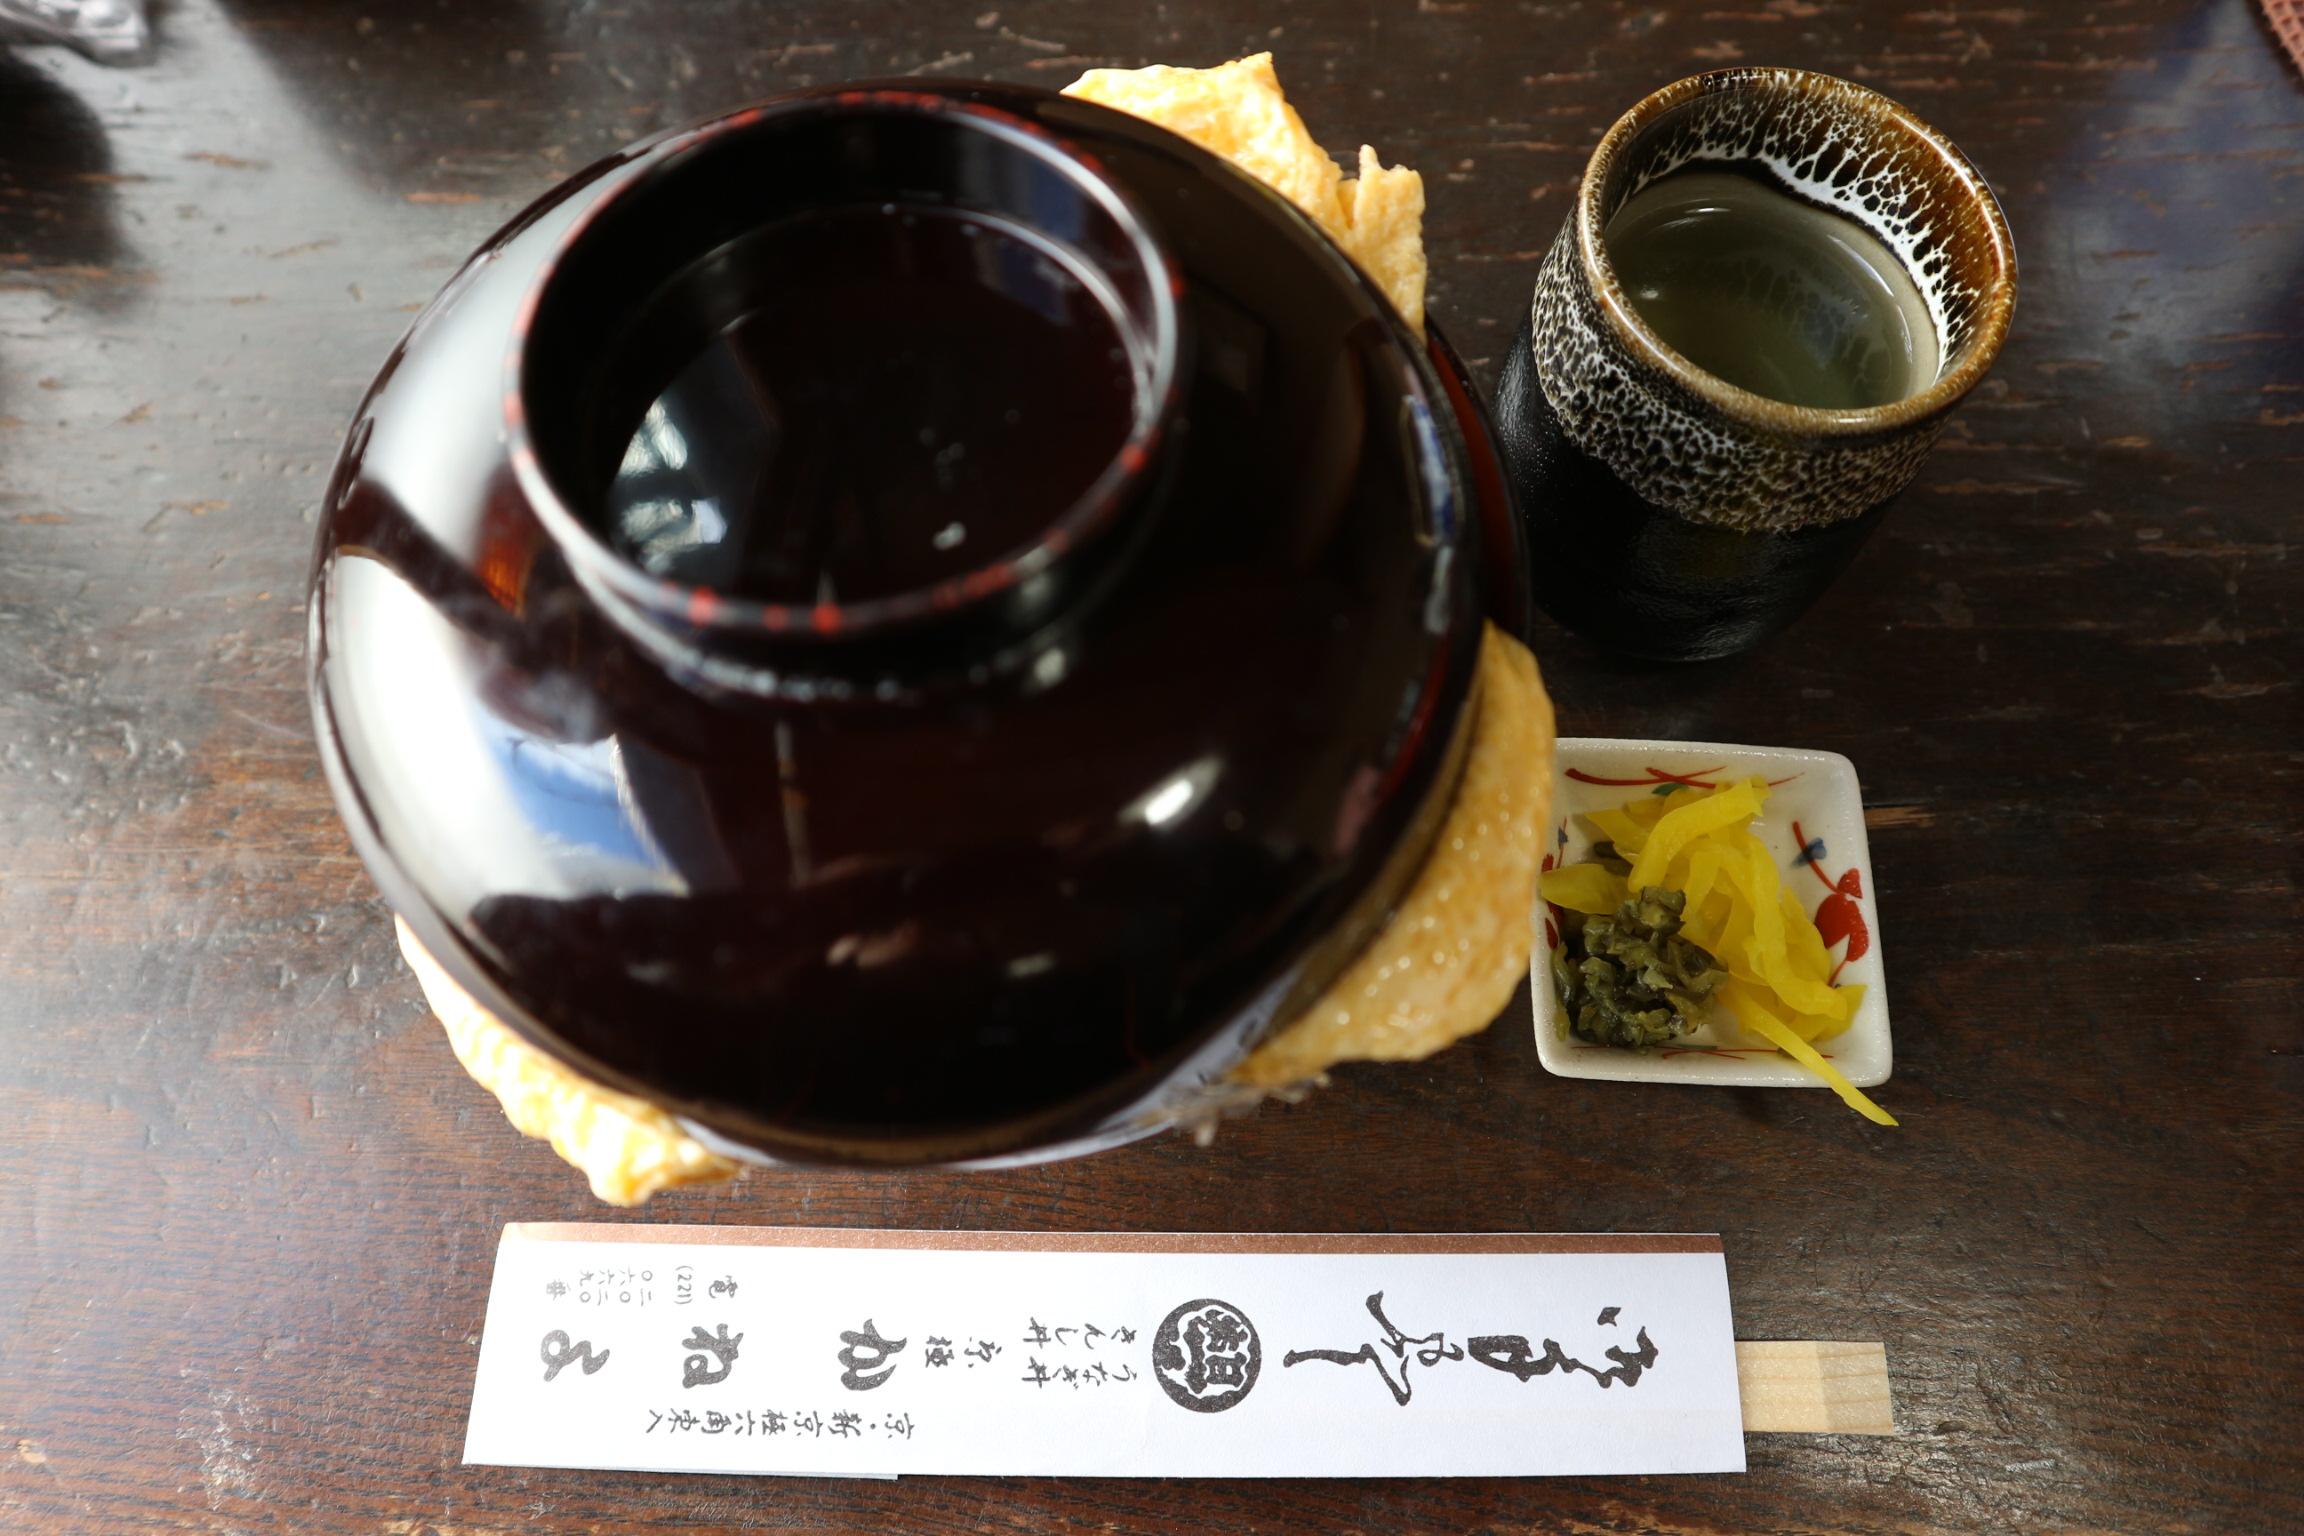 【京都】行列!創業明治の老舗店「きんし丼」を食べに行ってきました❤︎_1